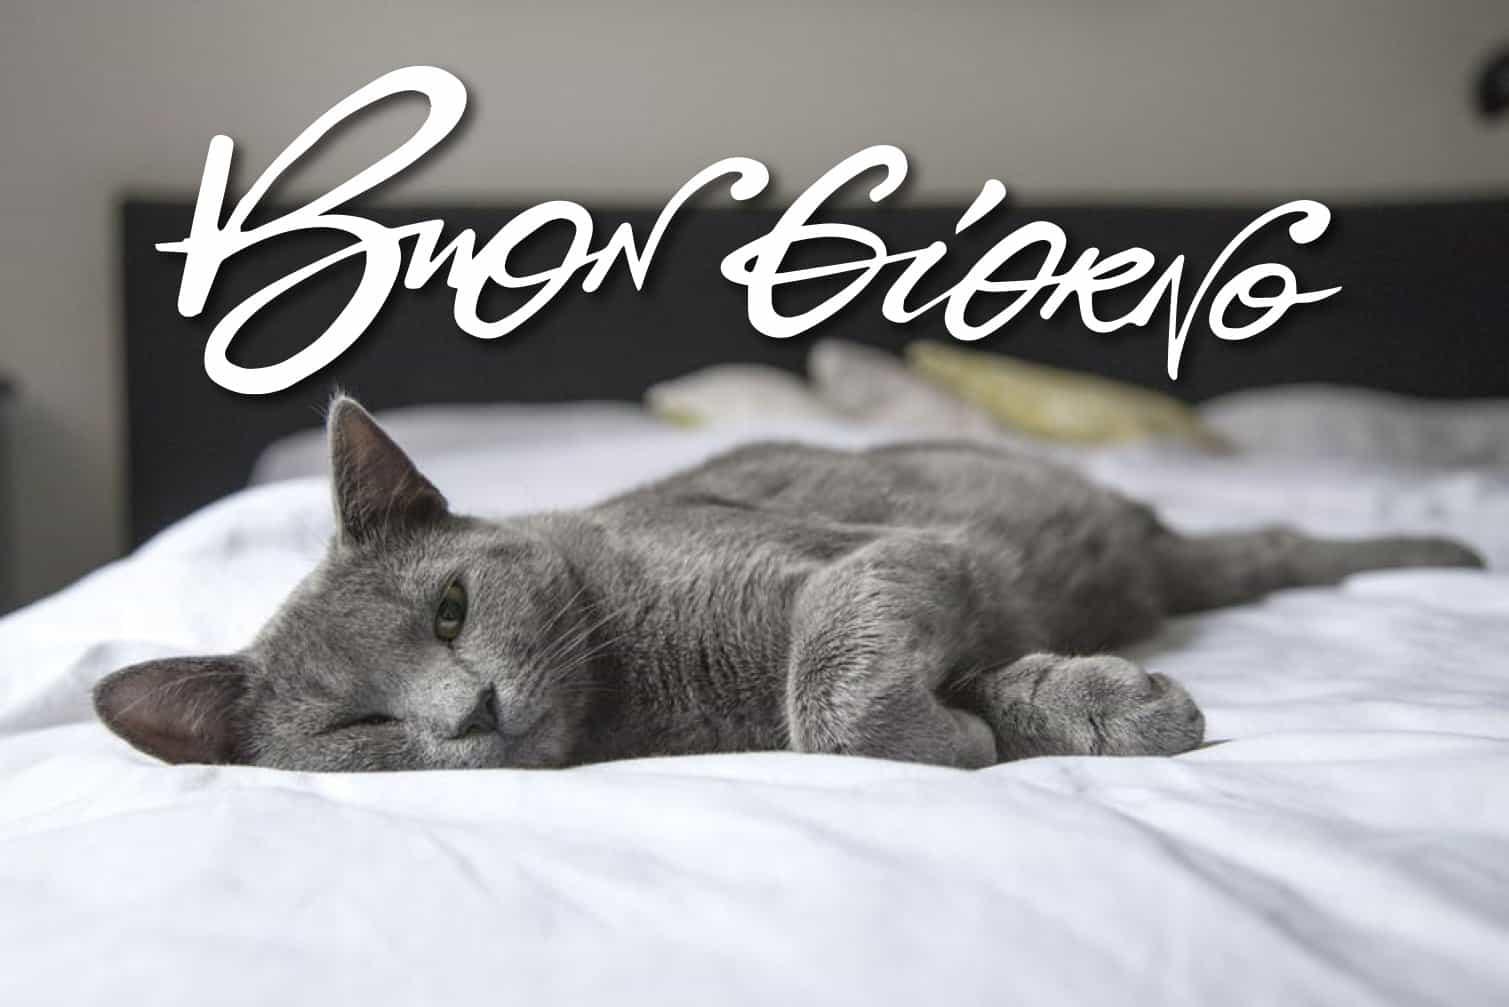 Buon giorno con gatto bianco e nero